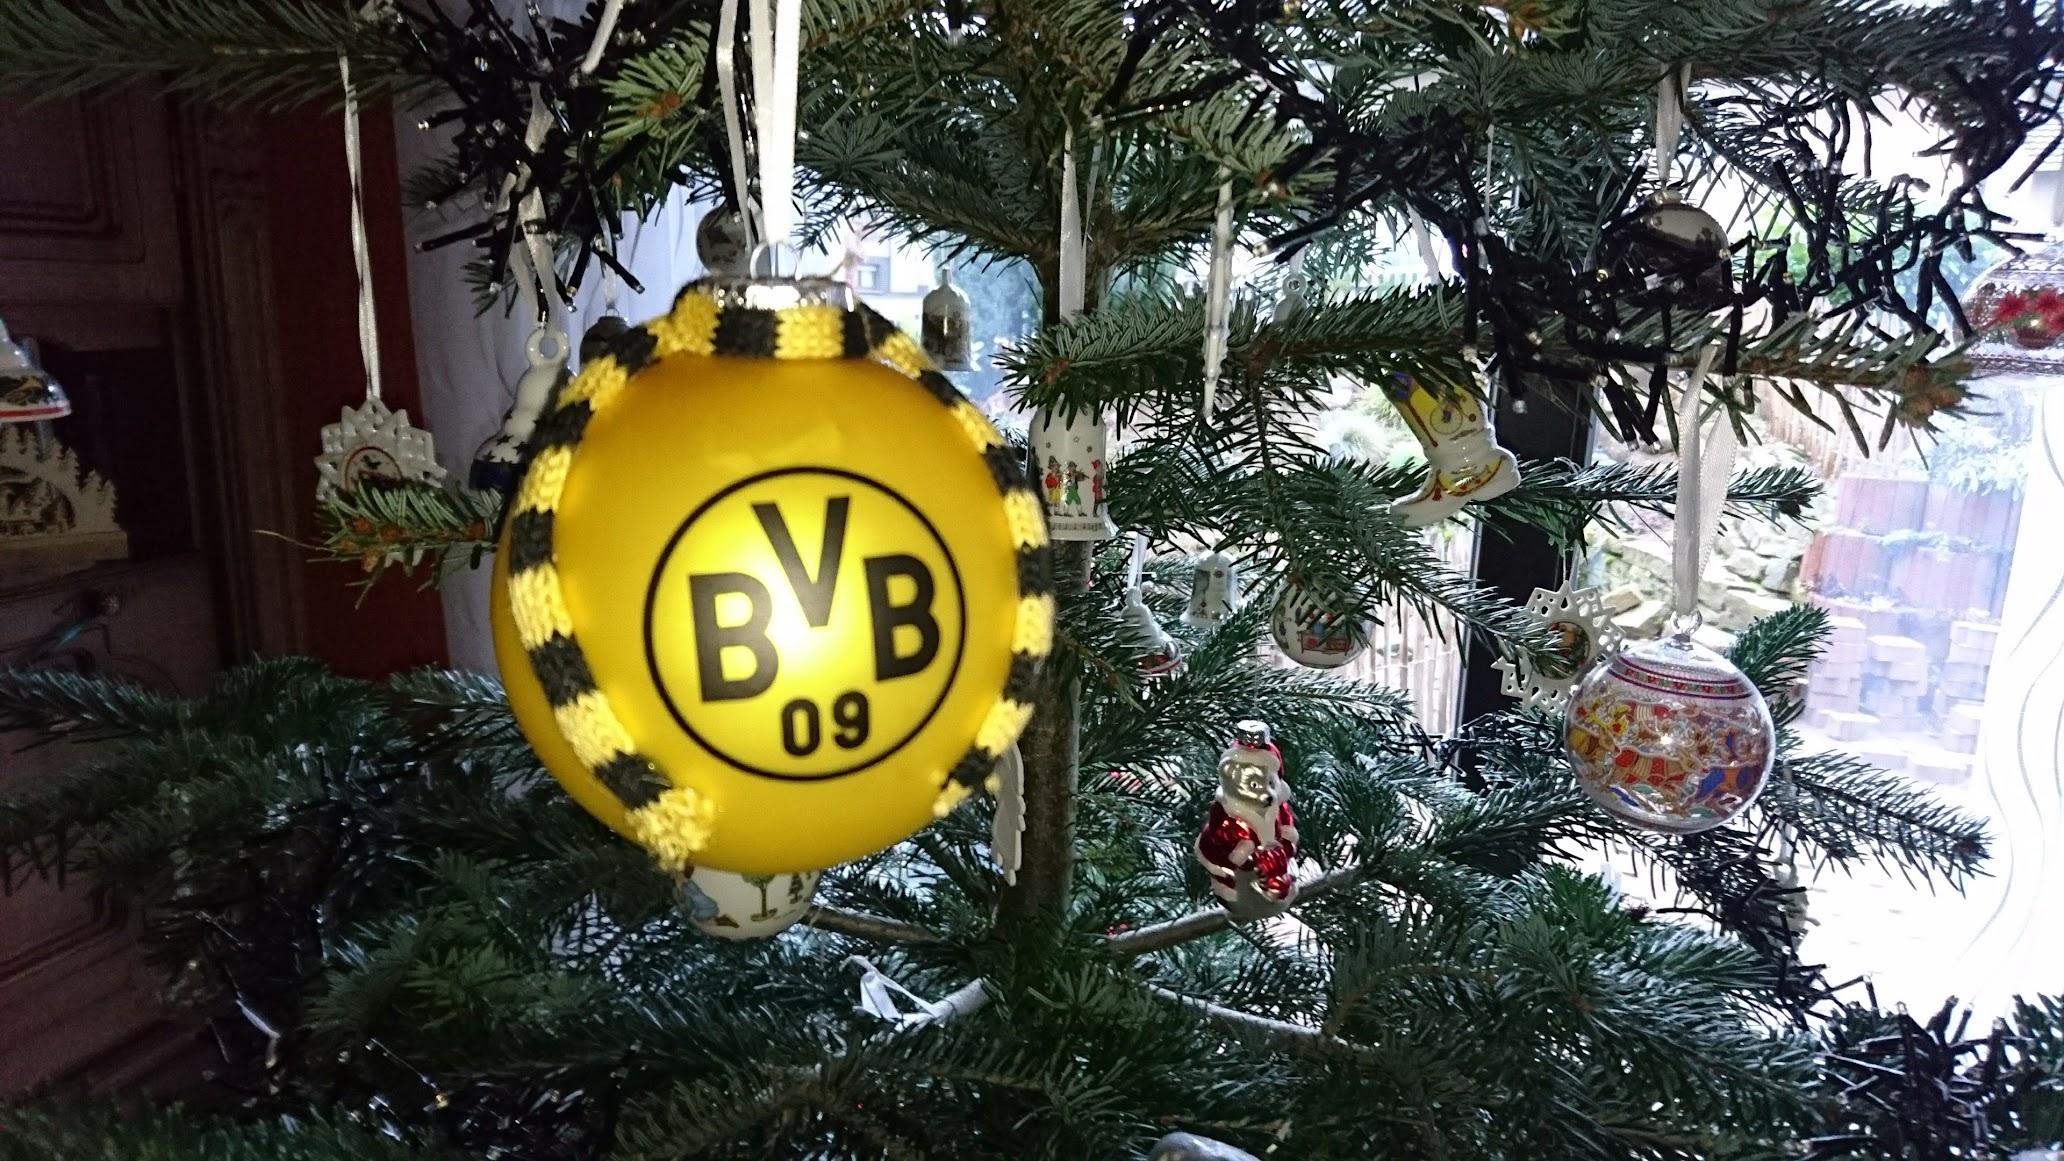 Weihnachtsbaum Kugel Borussia Dortmund BVB